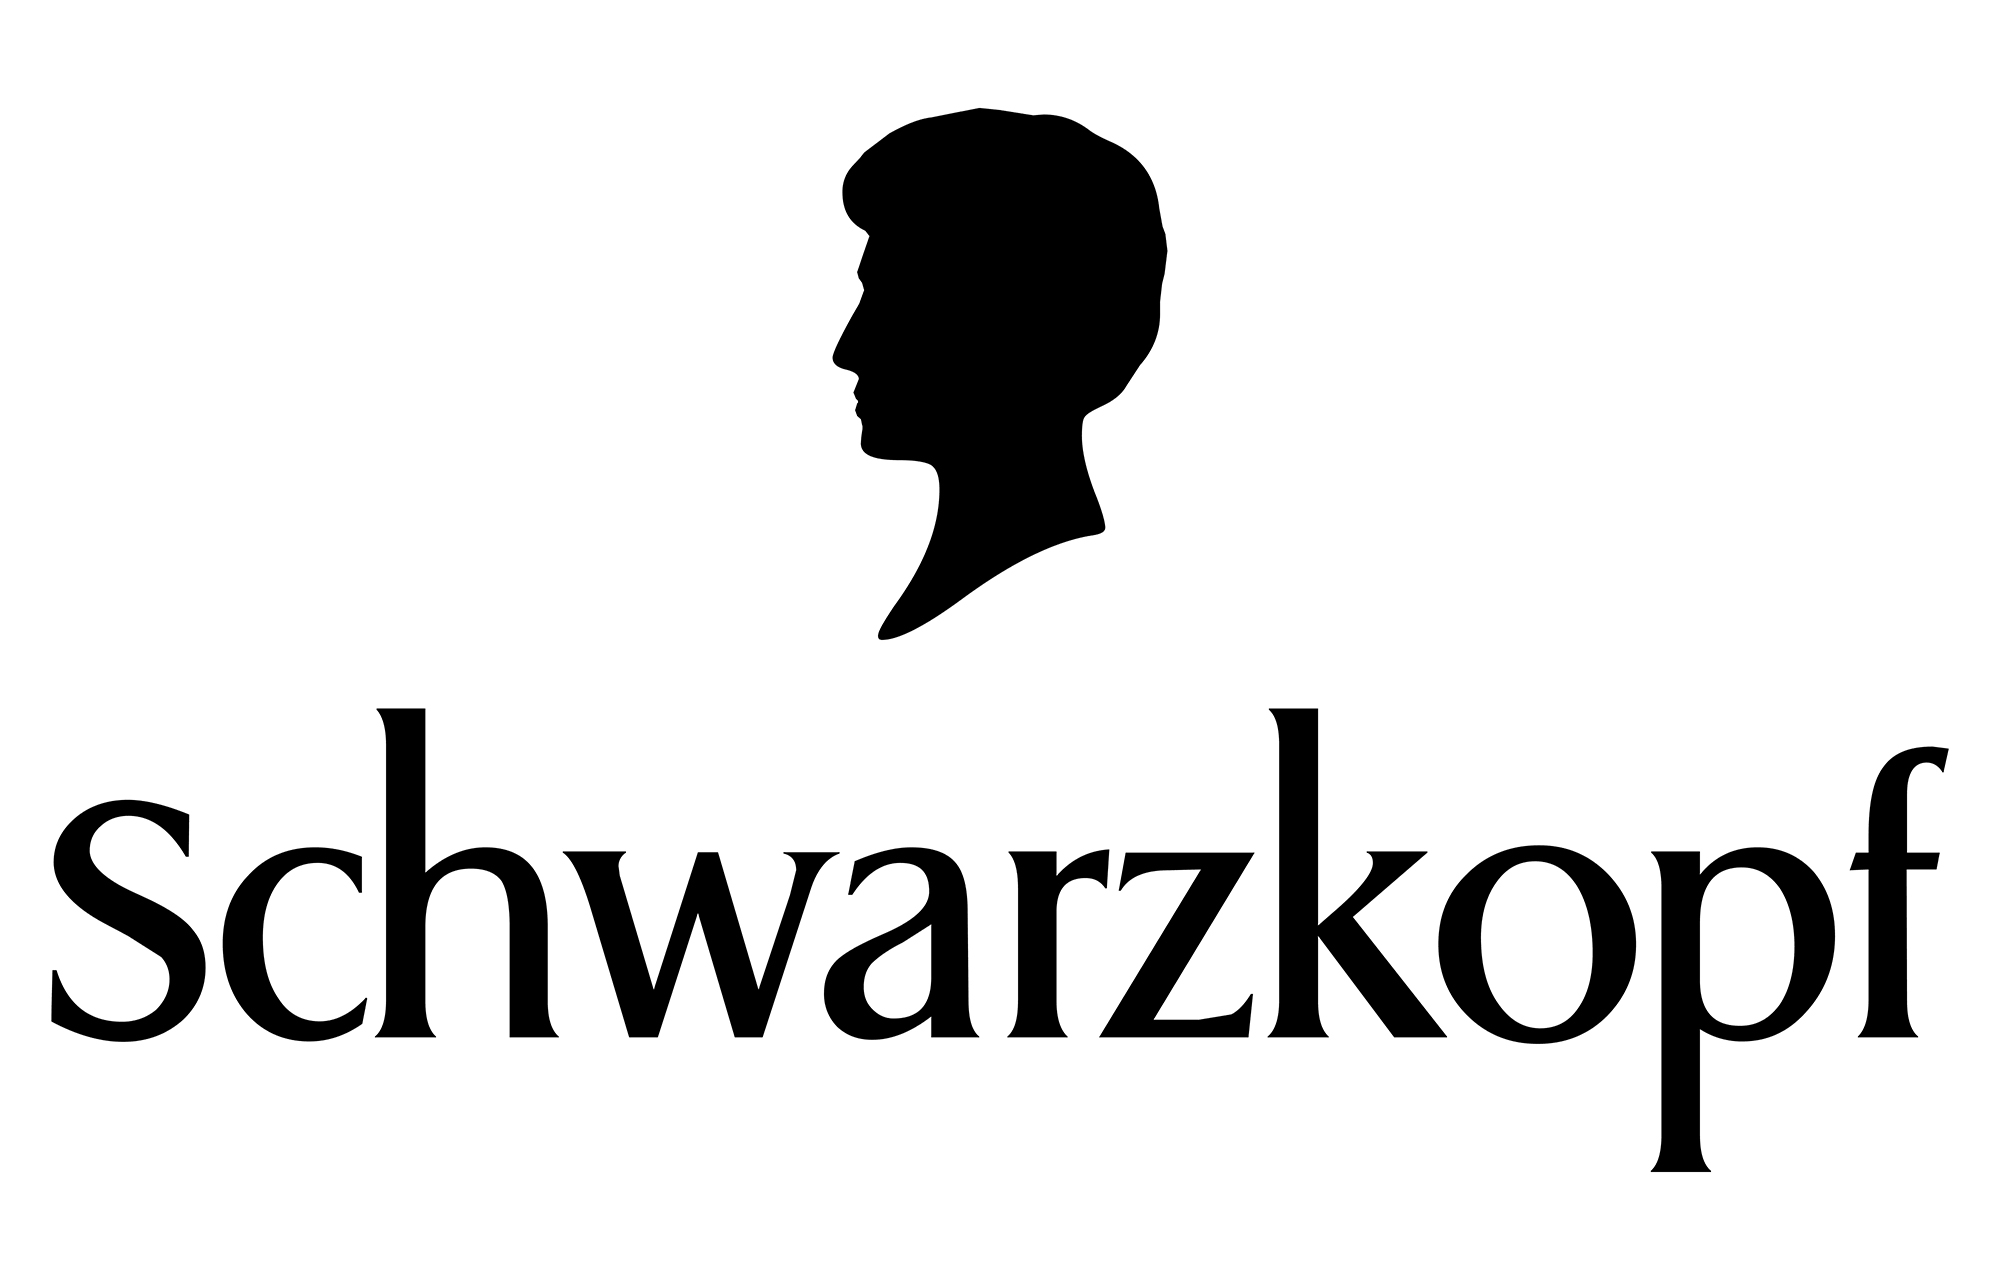 L'insano matrimonio tra la Schwarzkopf e la bugia femminista